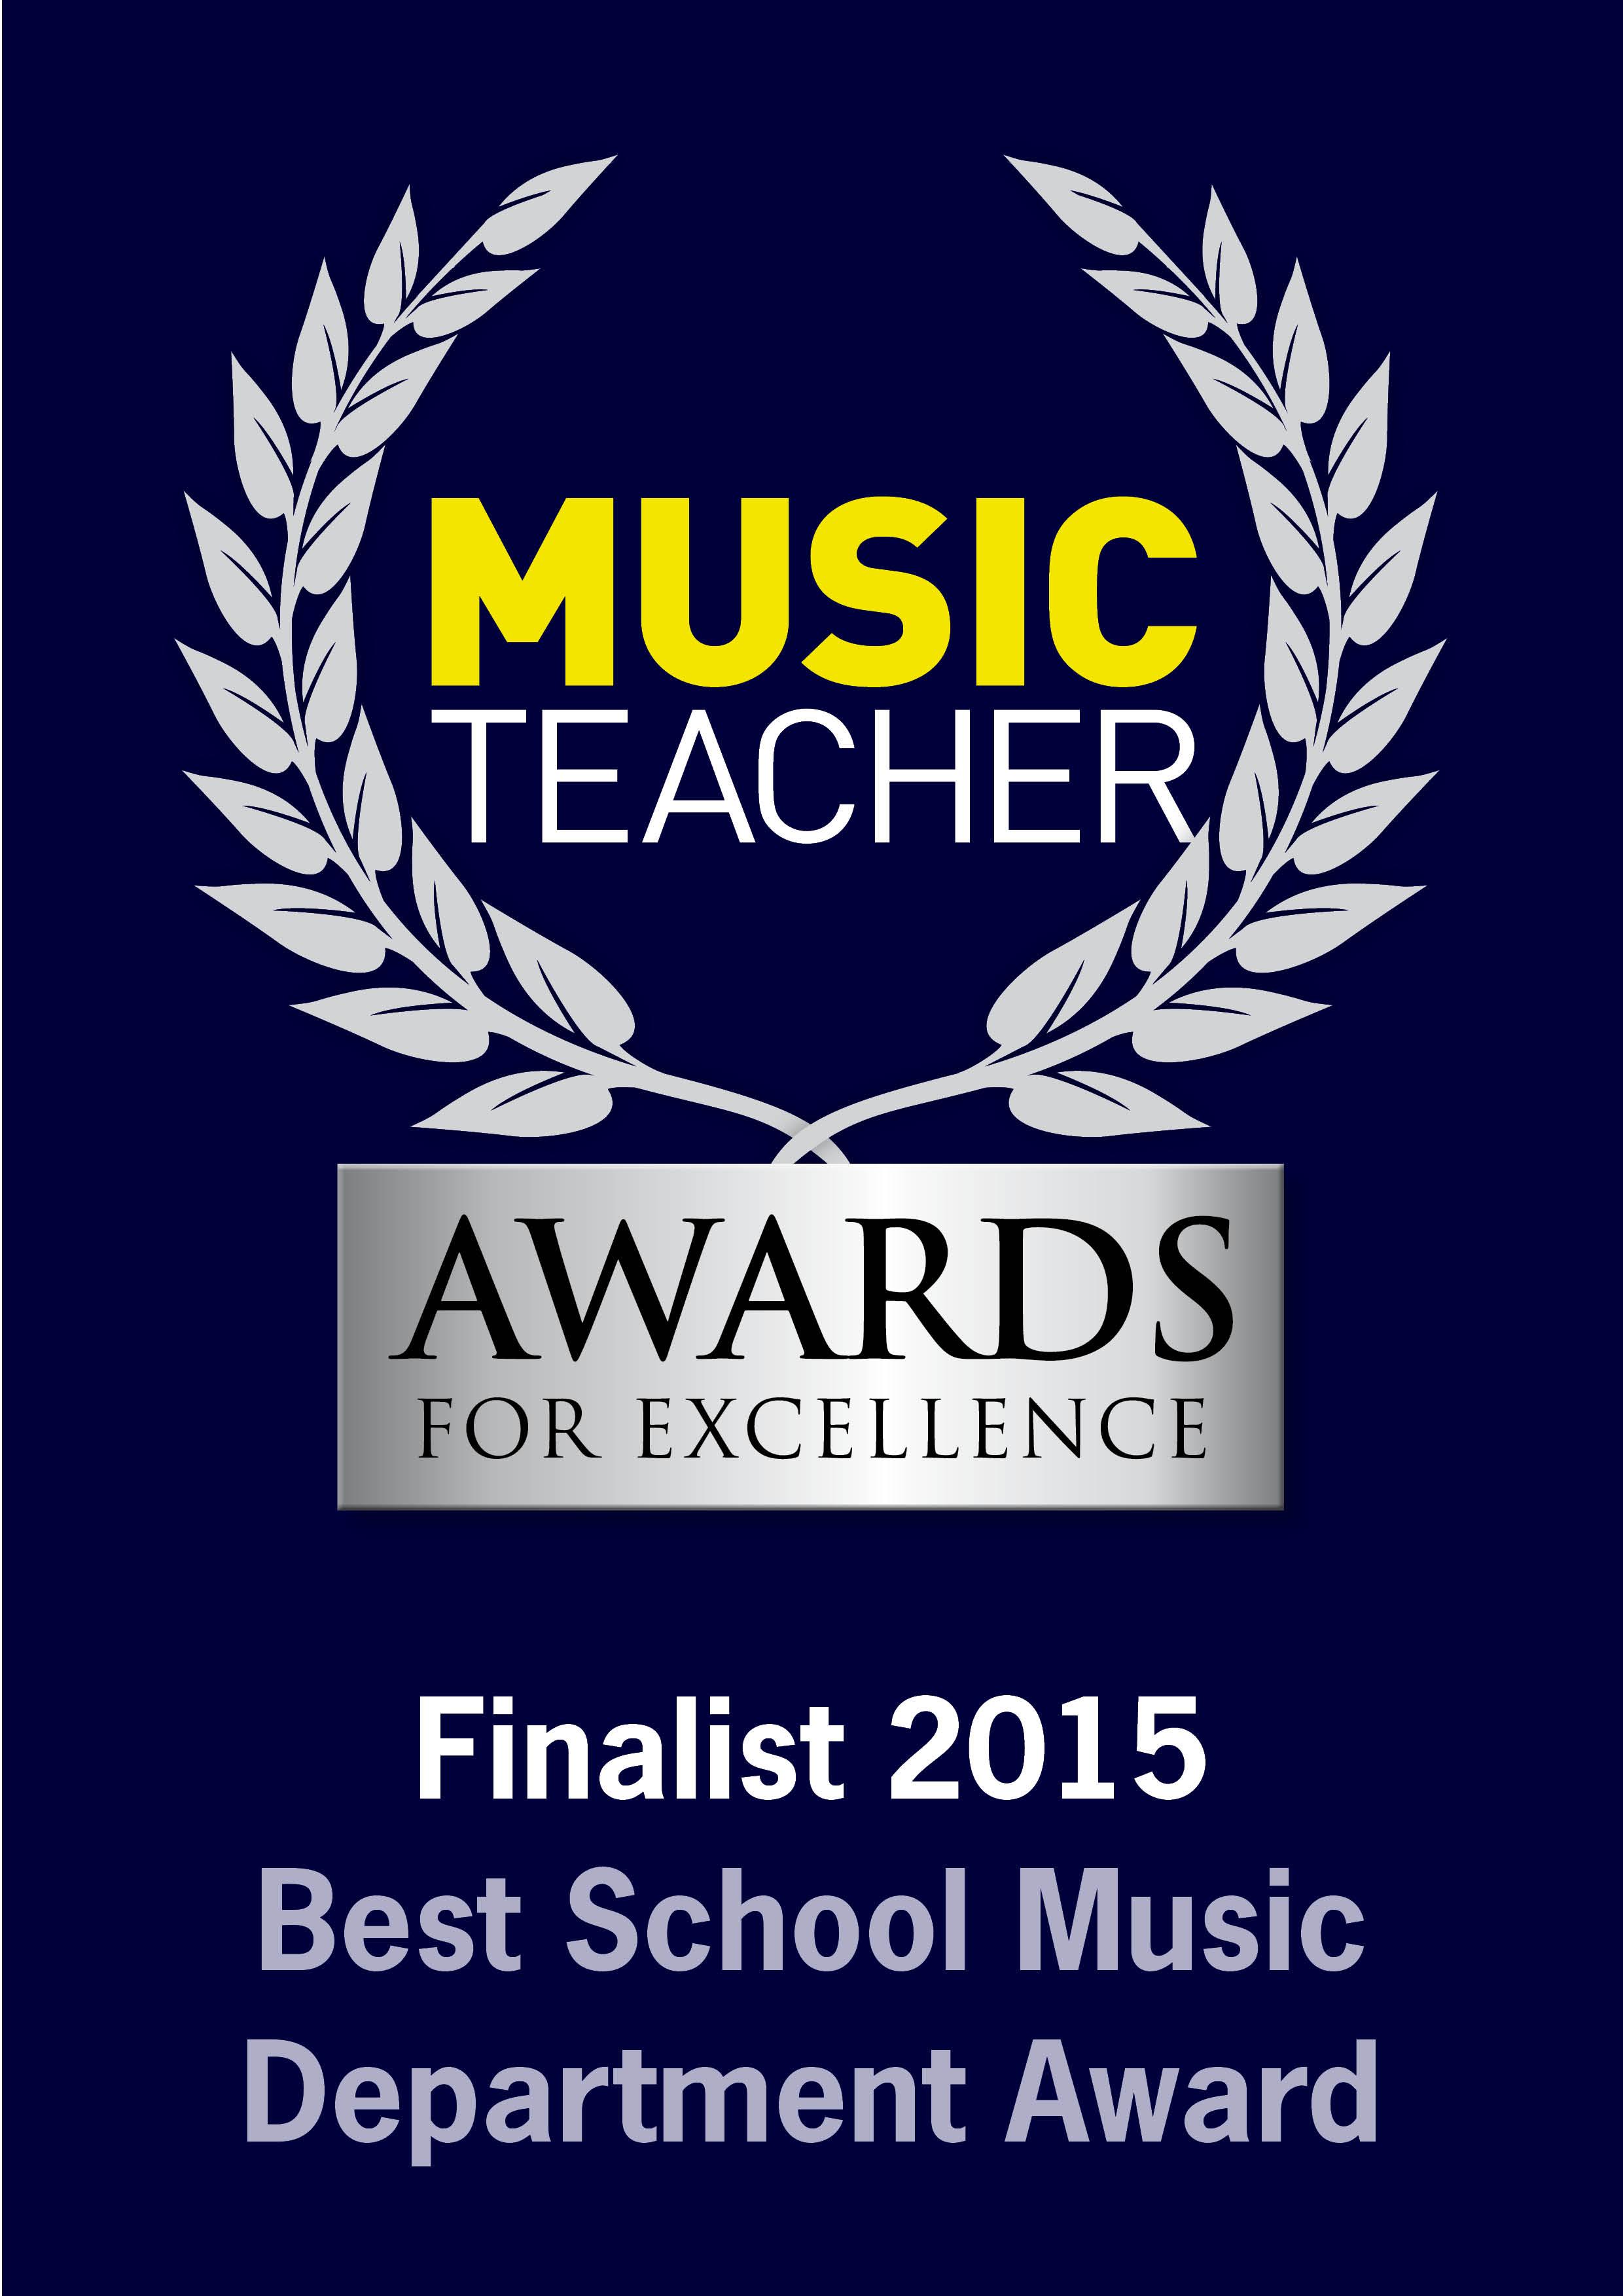 Best School Music Dept 2015